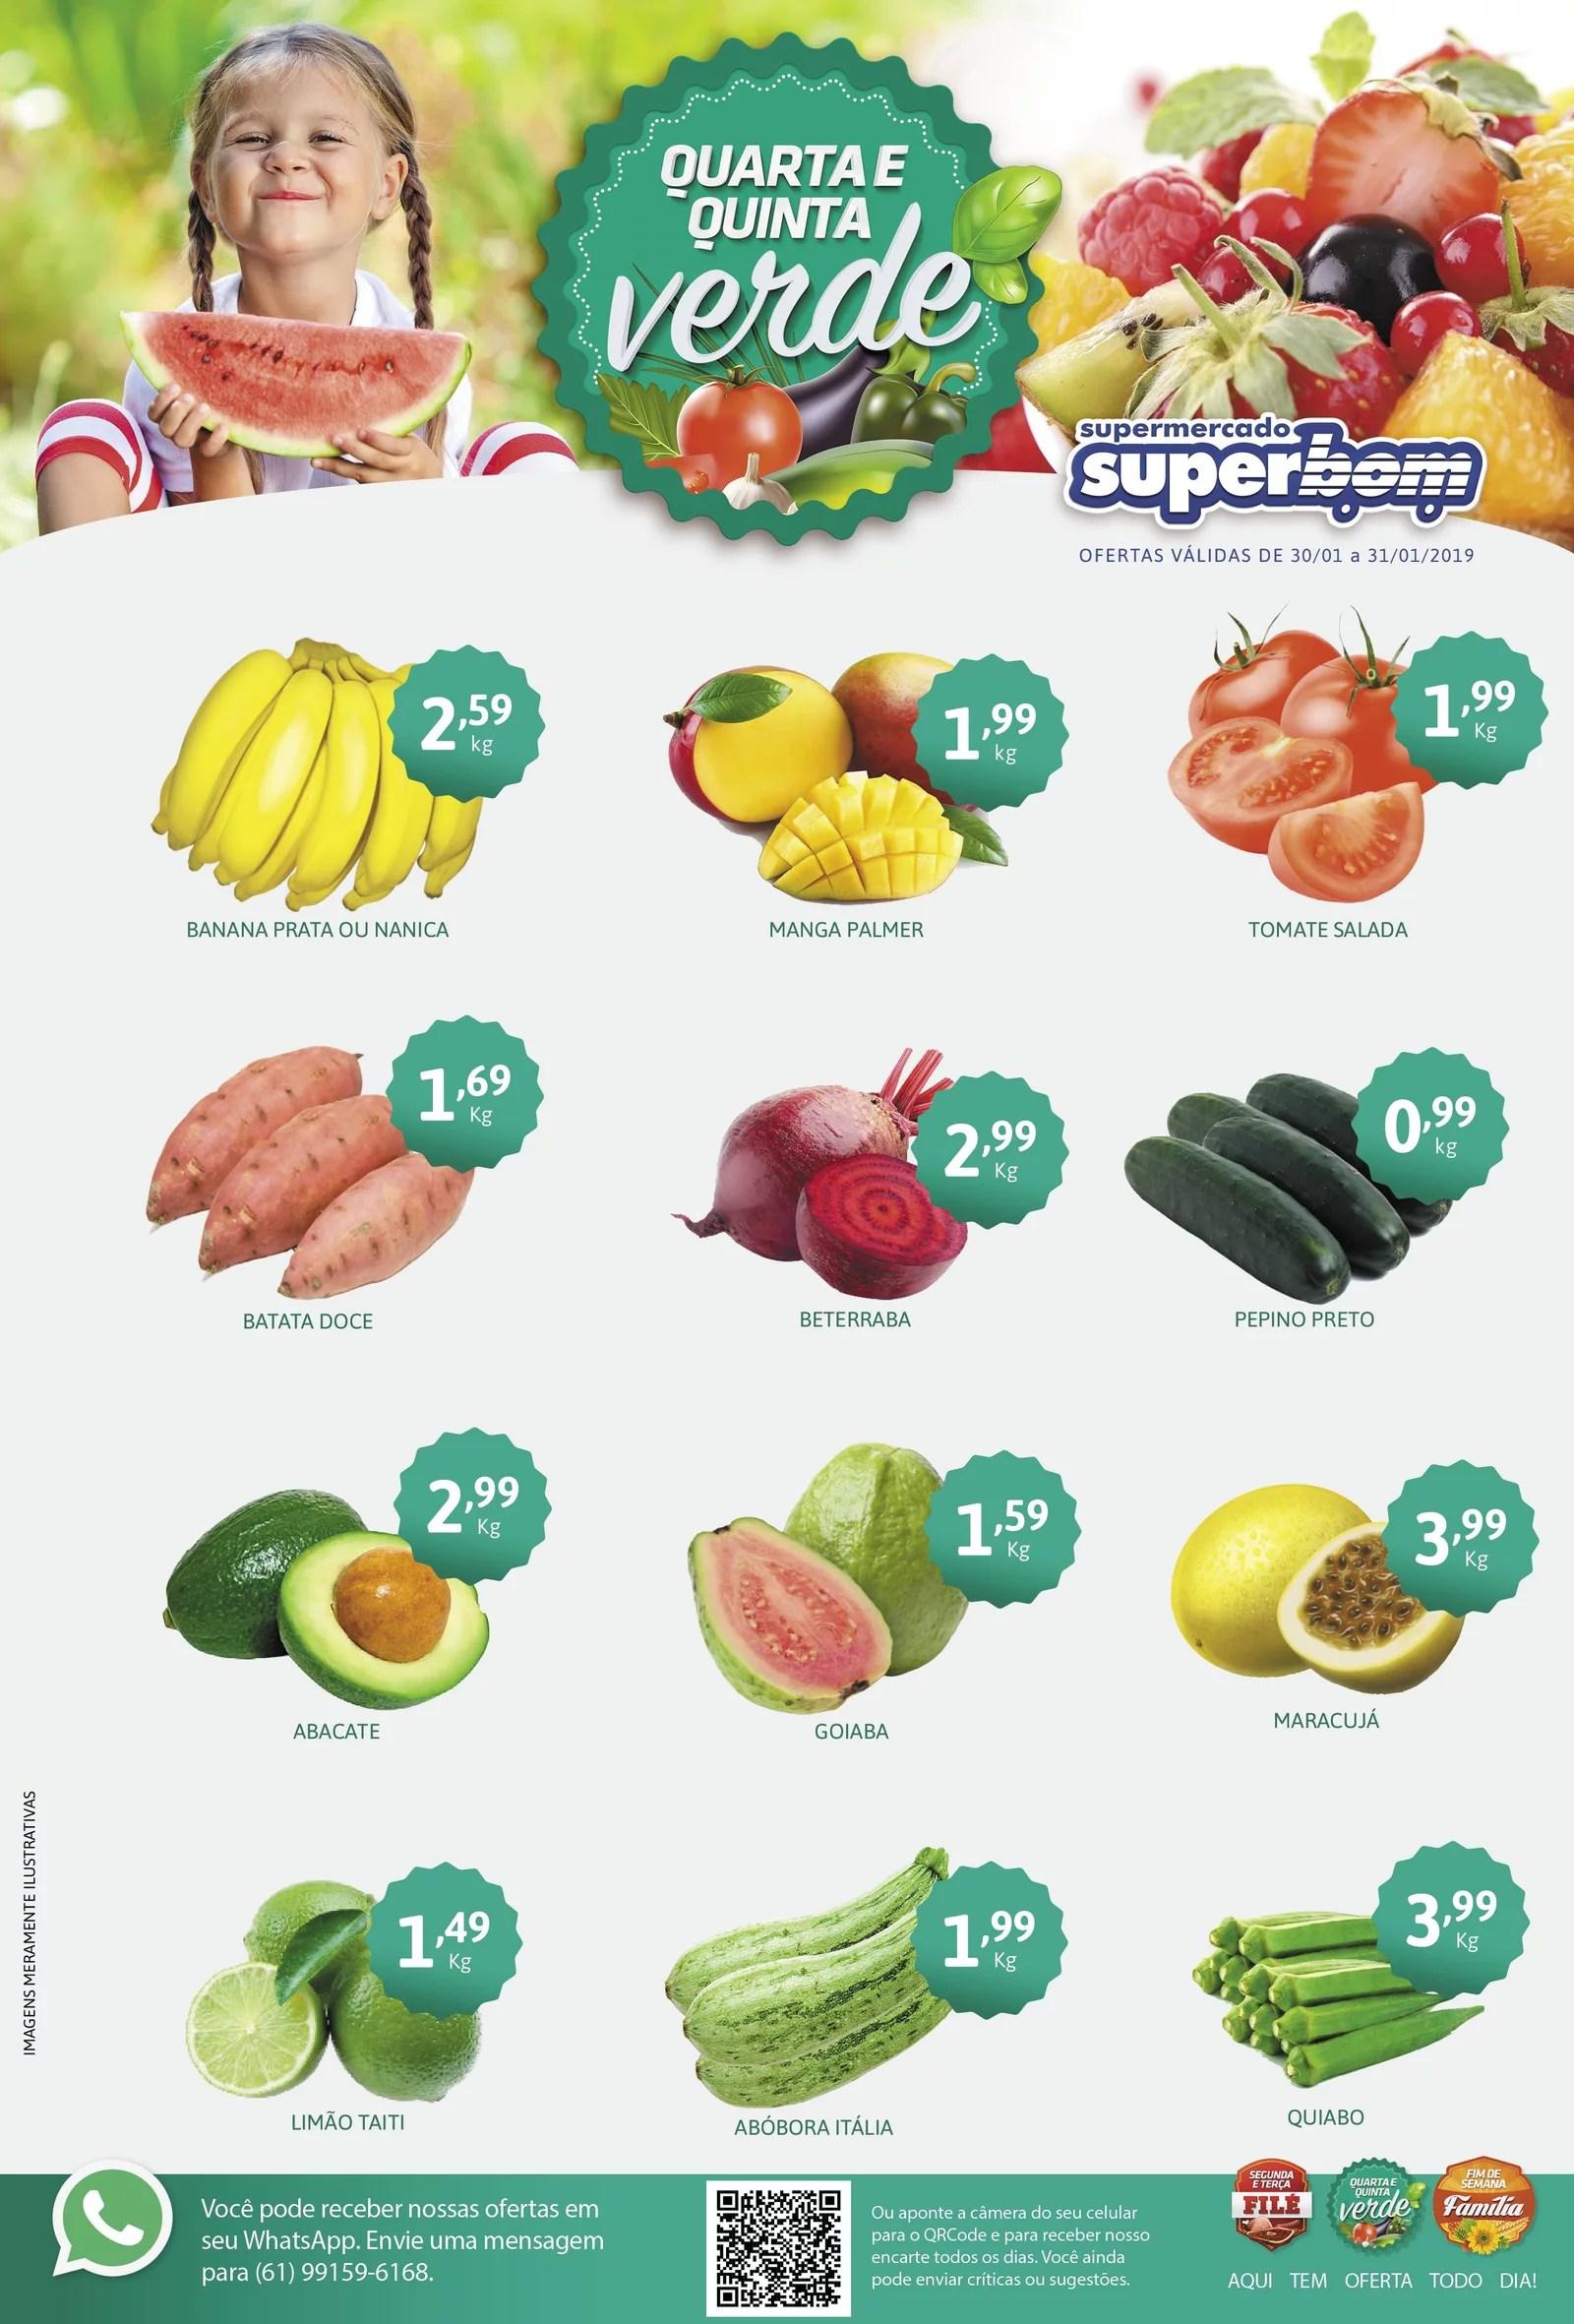 Ofertas Supermercado SuperBom86